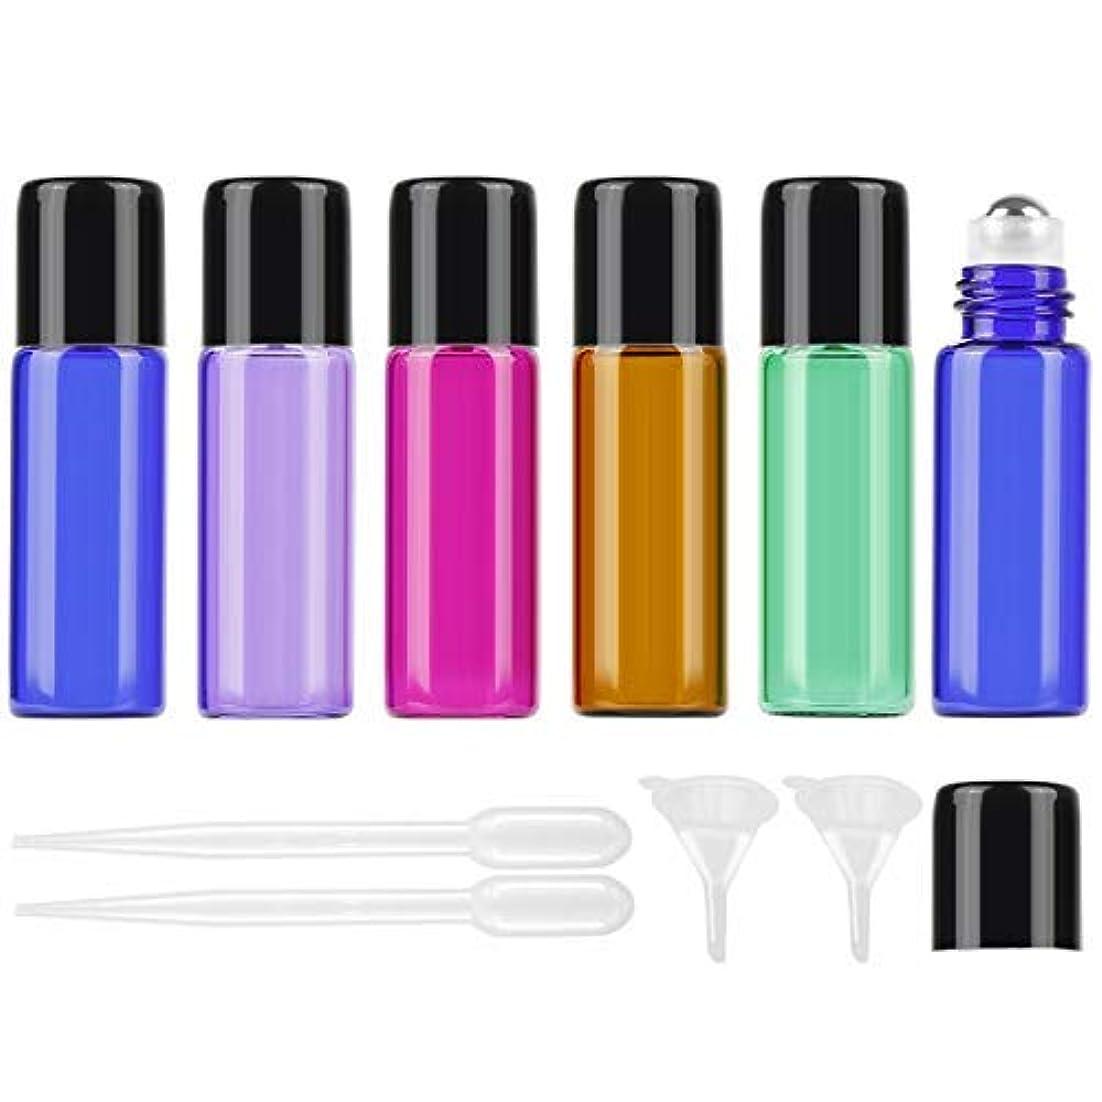 カラススティック微妙25Pcs 5ml Colored Essential Oil Roller Bottles Vials Glass Cosmetic Travel Containers with Stainless Steel Roller...